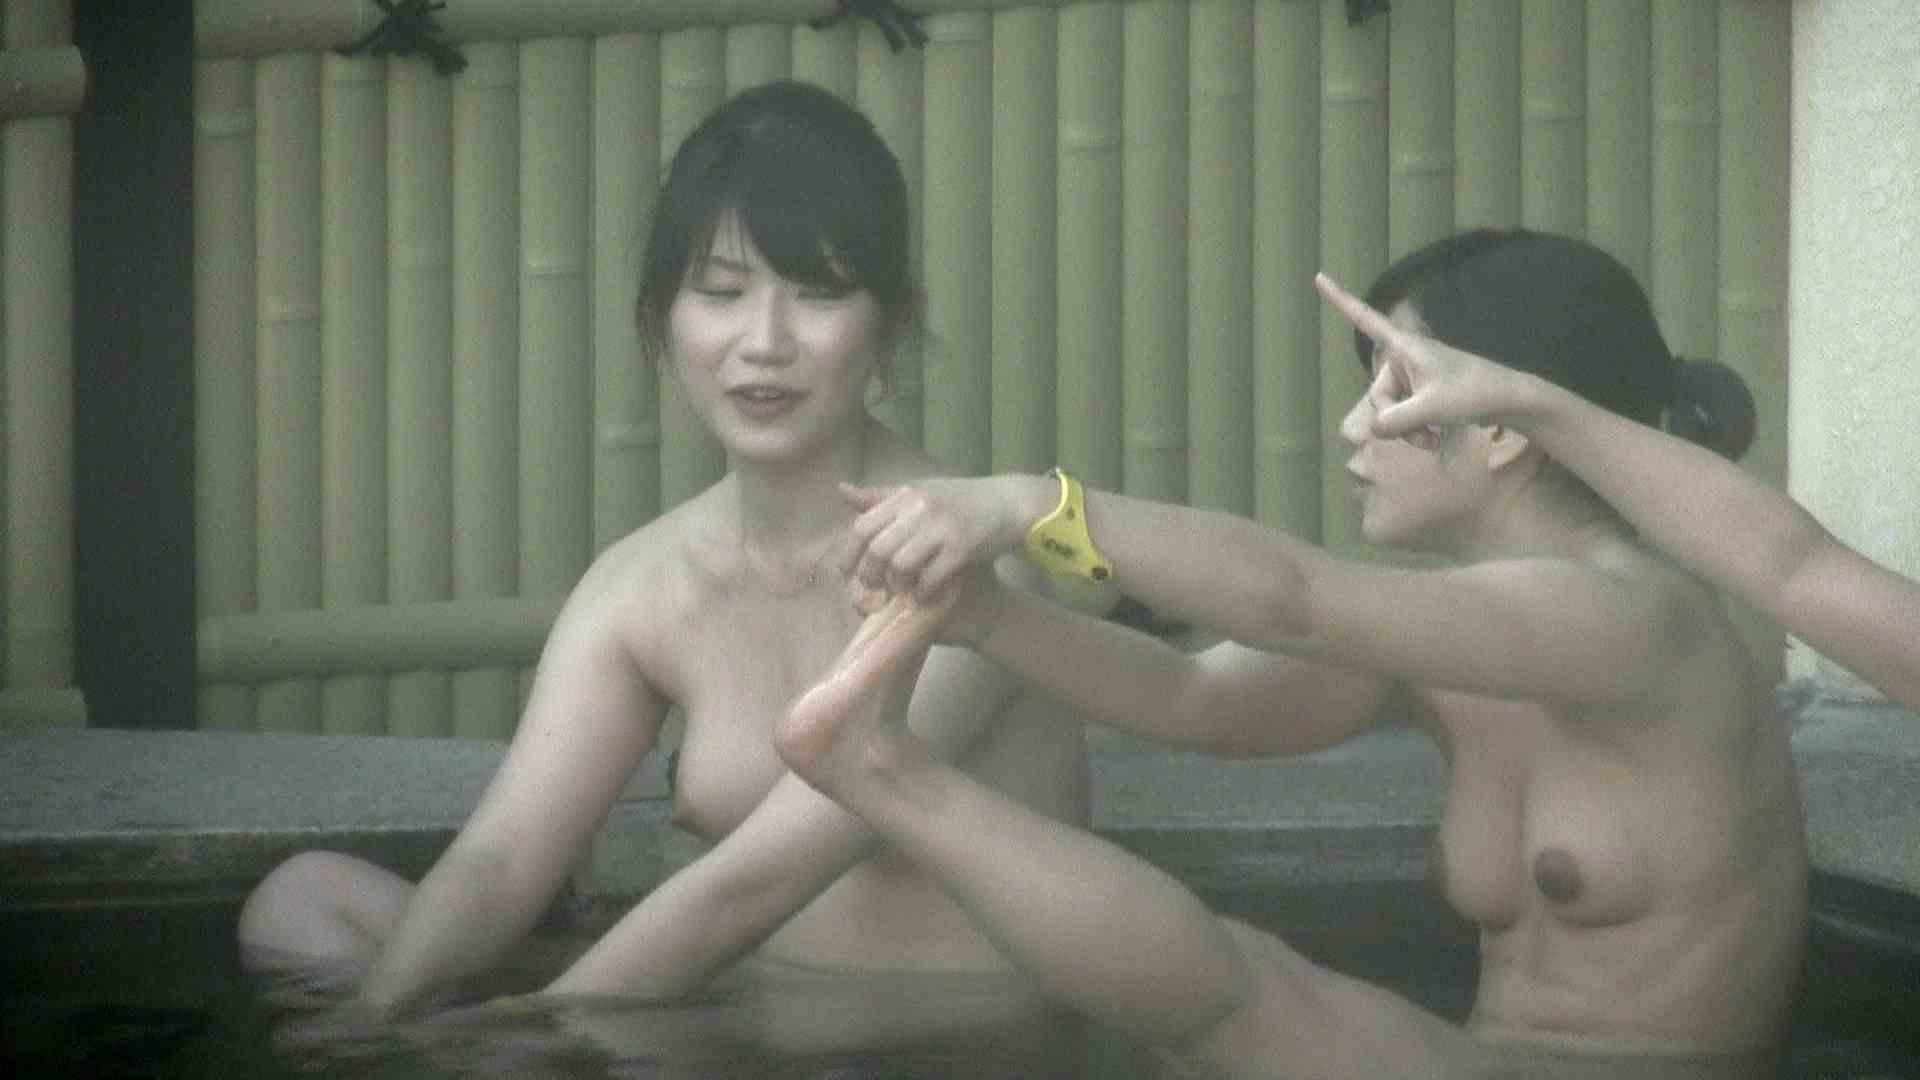 Aquaな露天風呂Vol.206 OLのエロ生活  87連発 12